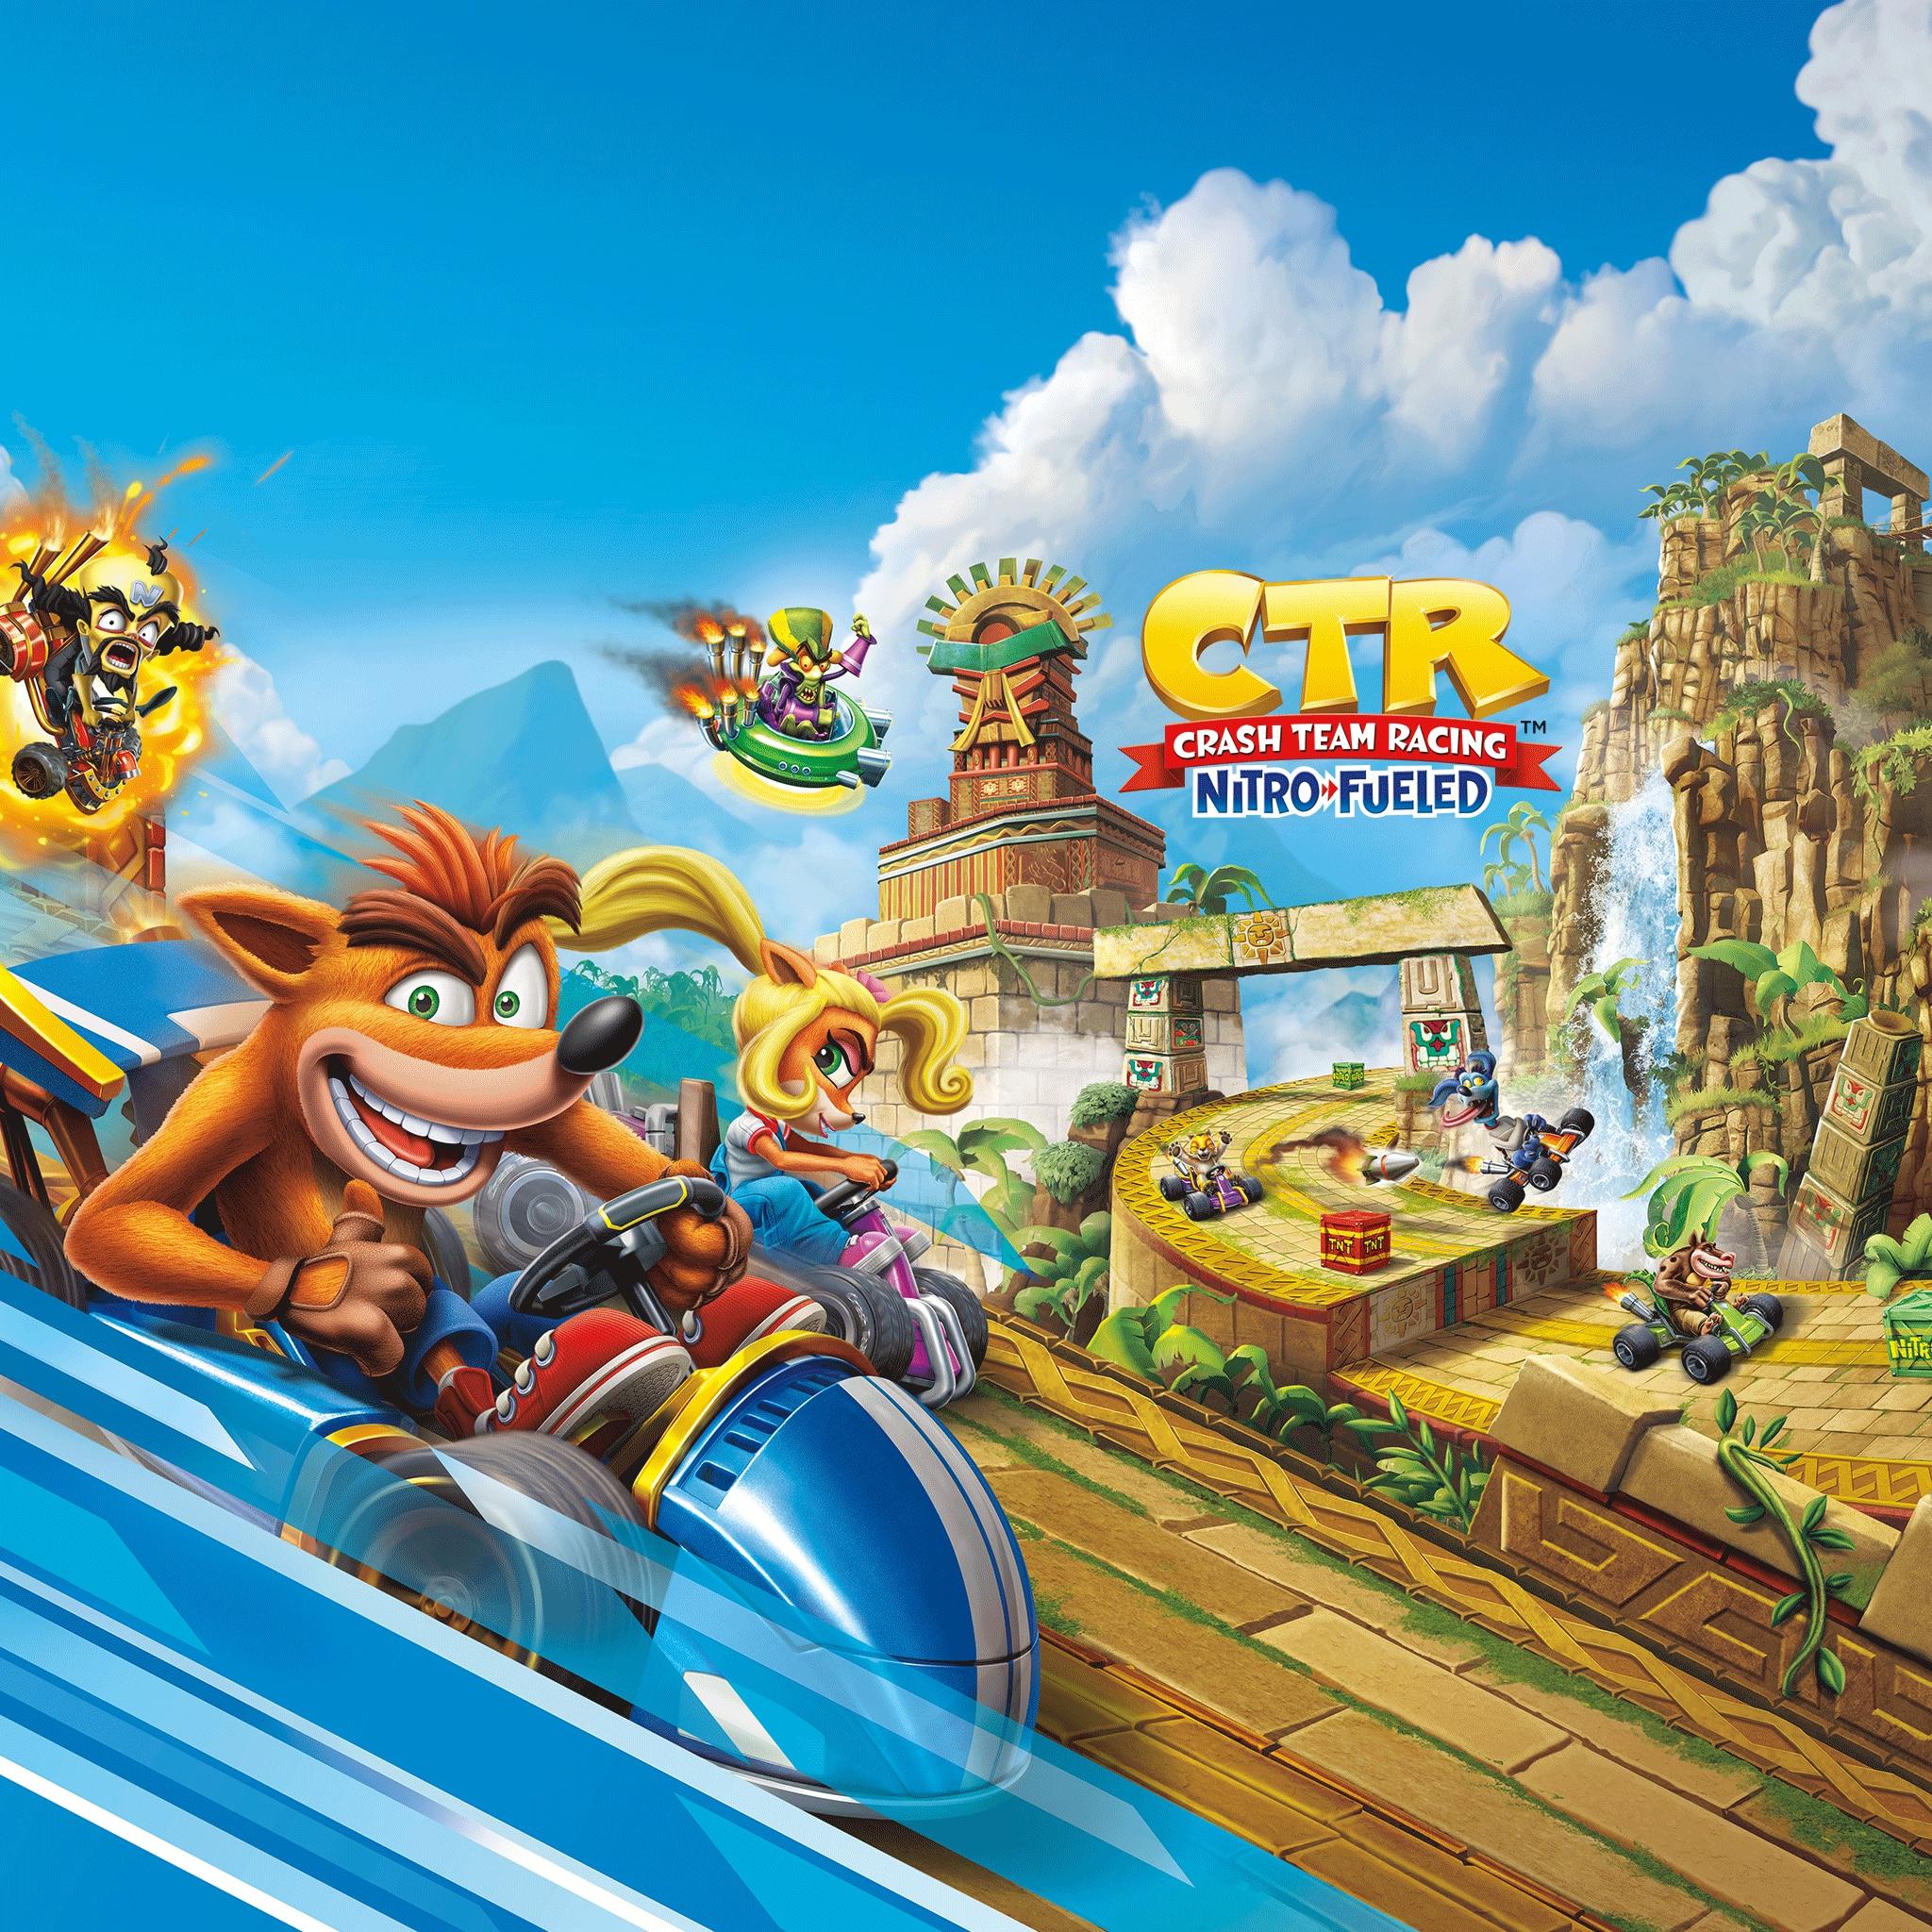 [Membres Nintendo Switch Online] Crash Team Racing jouable Gratuitement sur Nintendo Switch du 30/12 au 06/01 (dématérialisé)